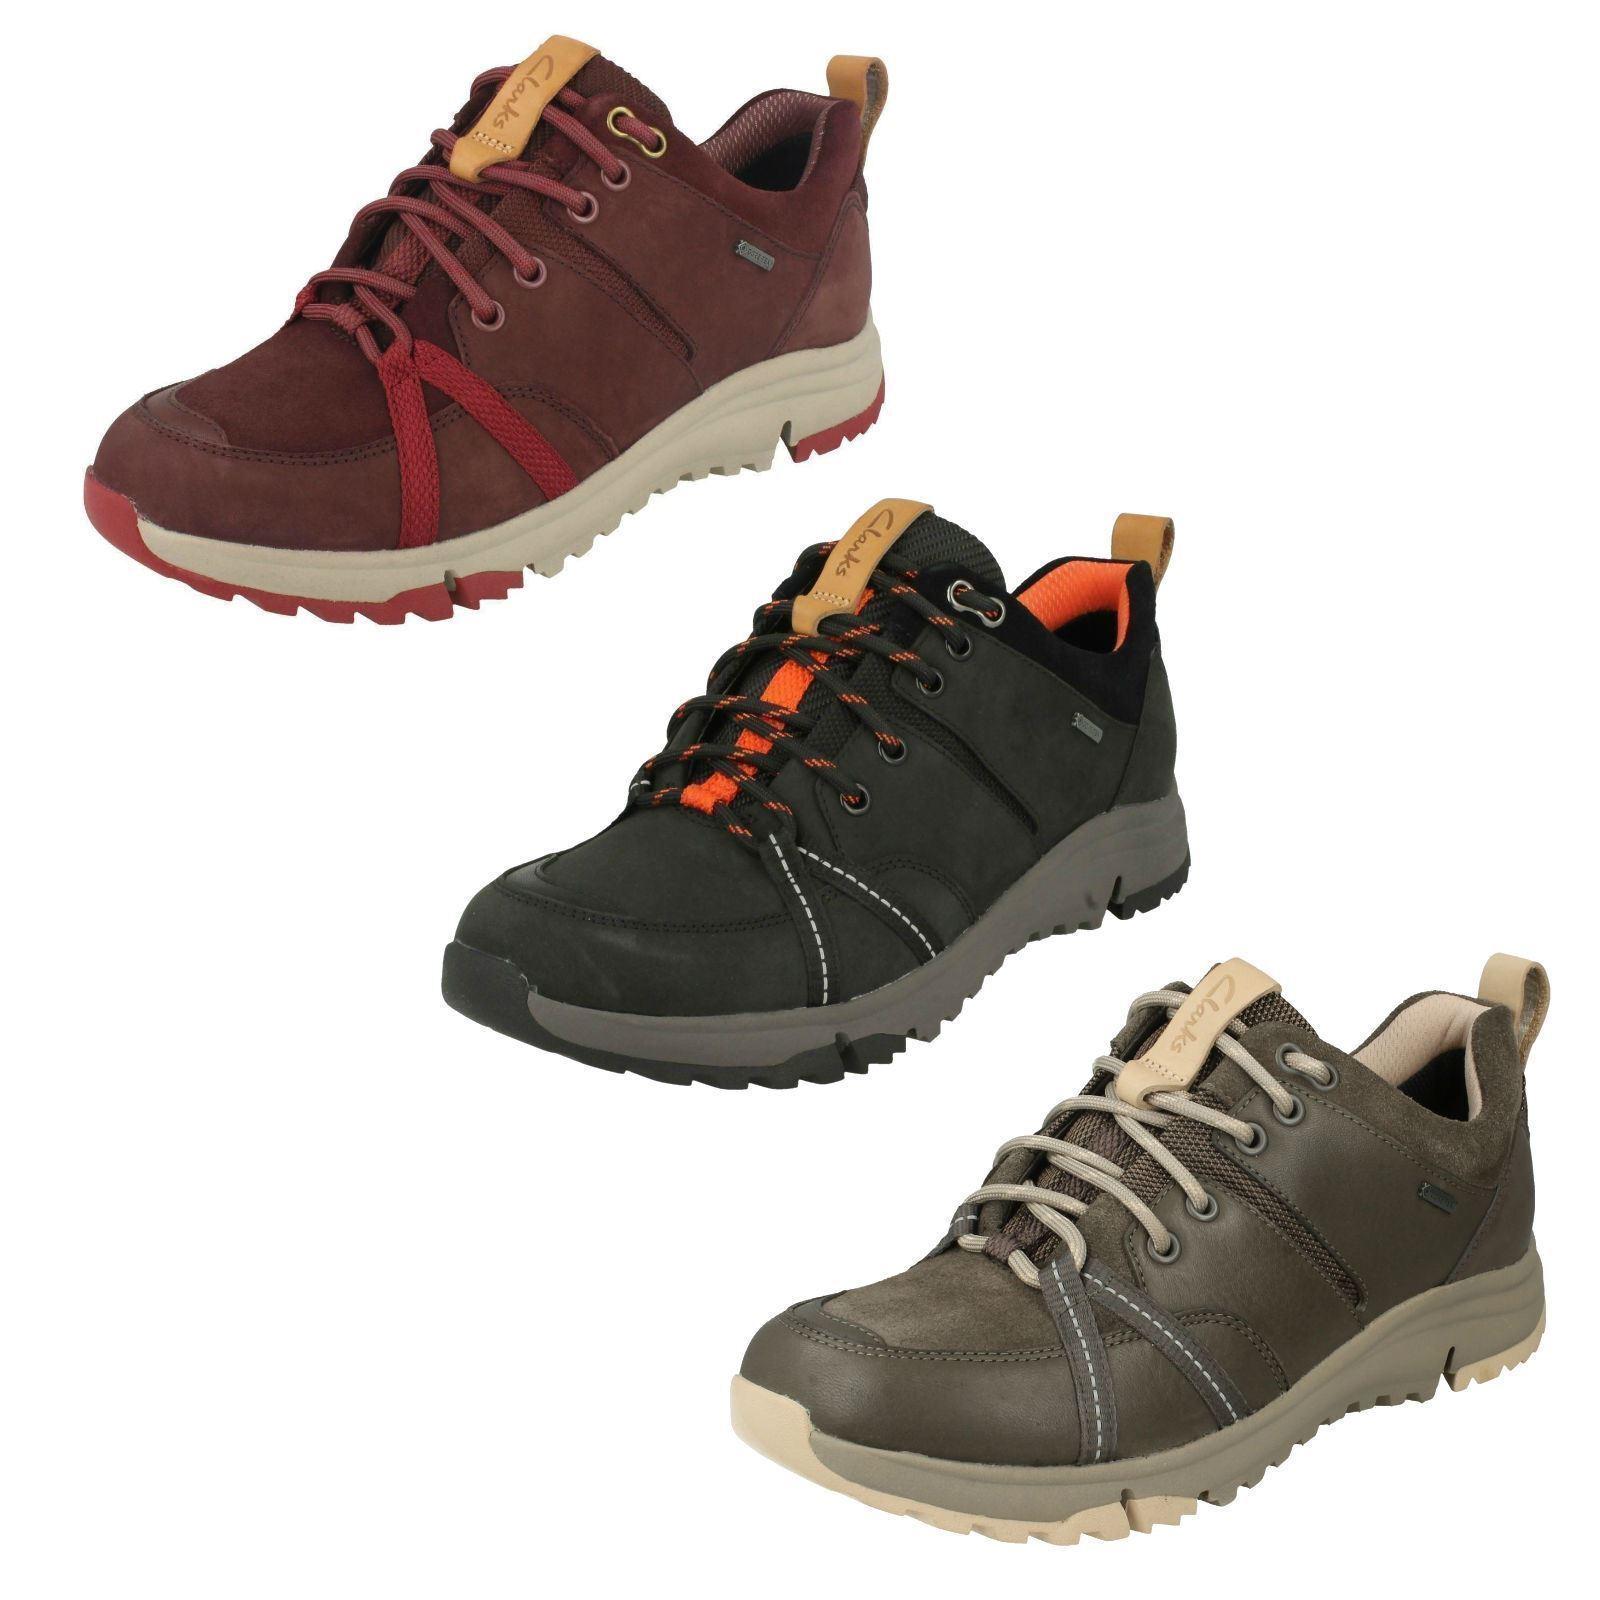 Clarks donna Casual Lace Up Gore Tex  Nubuck Sports scarpe Tri Trek GTX  consegna veloce e spedizione gratuita per tutti gli ordini